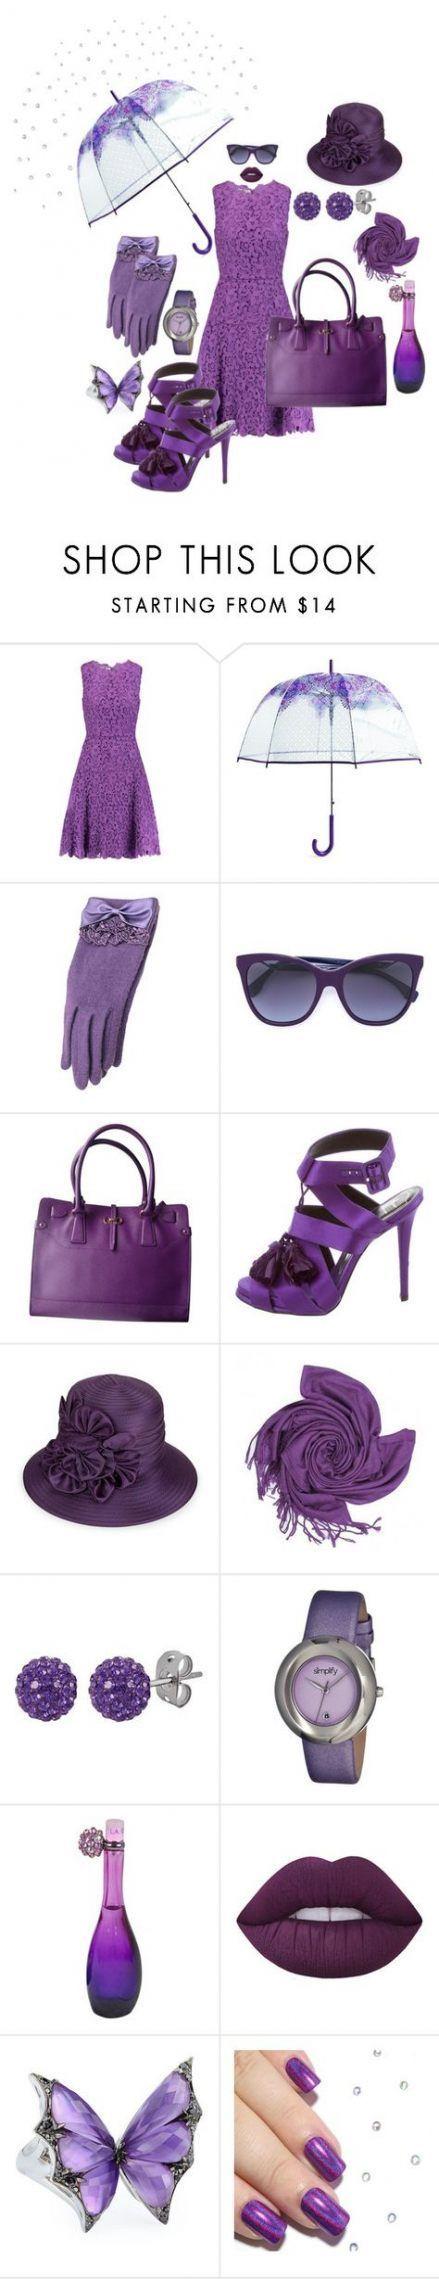 Fashion clothes for teens salvatore ferragamo 28 Ideas,  #clothes #Fashion #ferragamo #ideas …